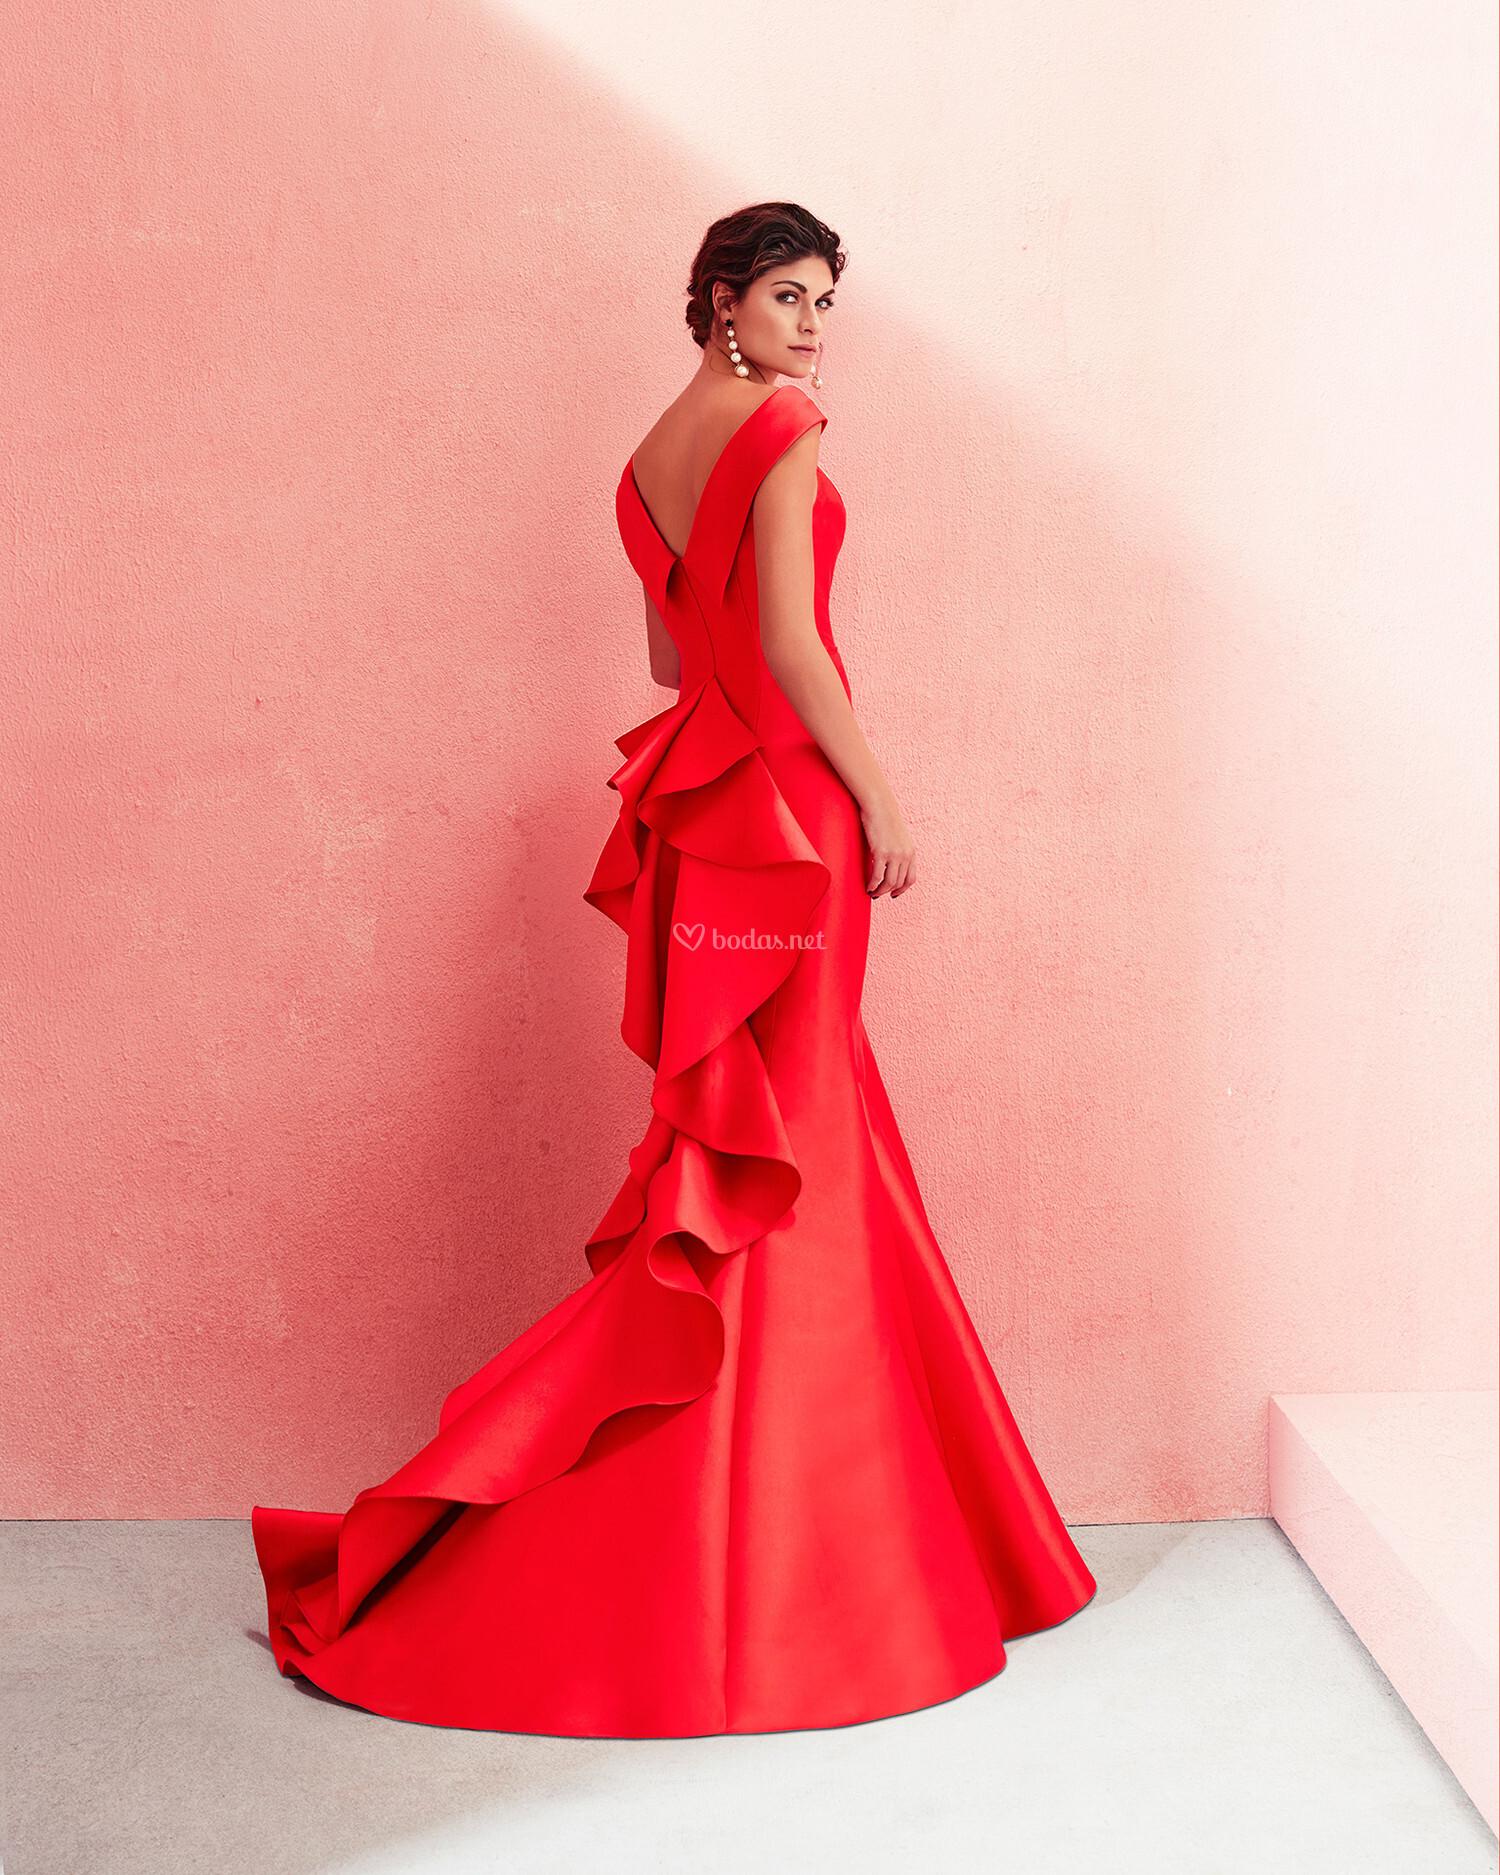 Increíble La Boda Vestido De Cardiff Alquiler Colección - Colección ...